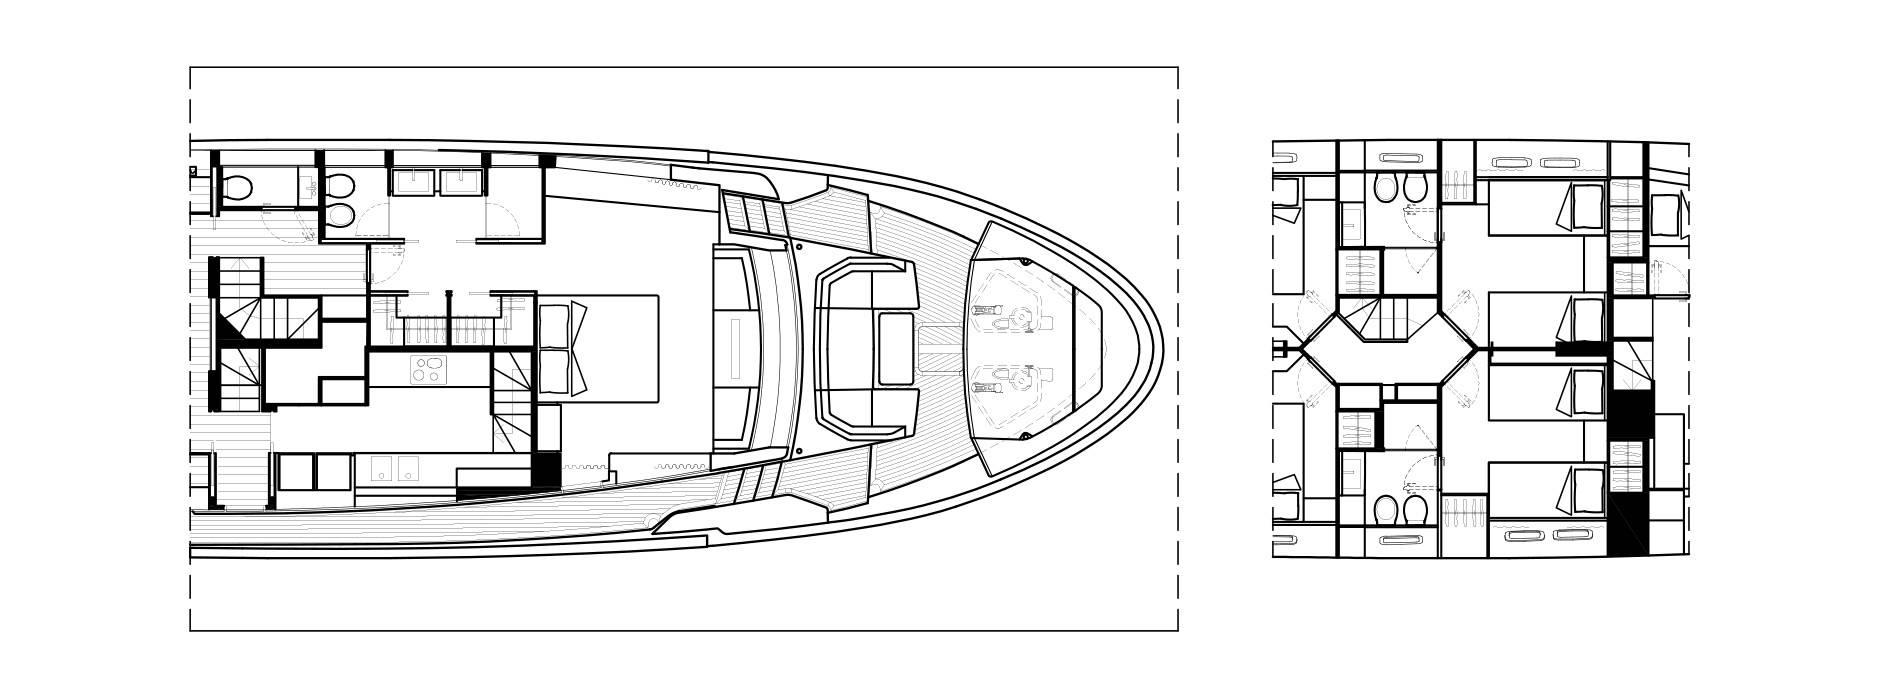 Sanlorenzo Yachts SL102 Asymmetric Детали